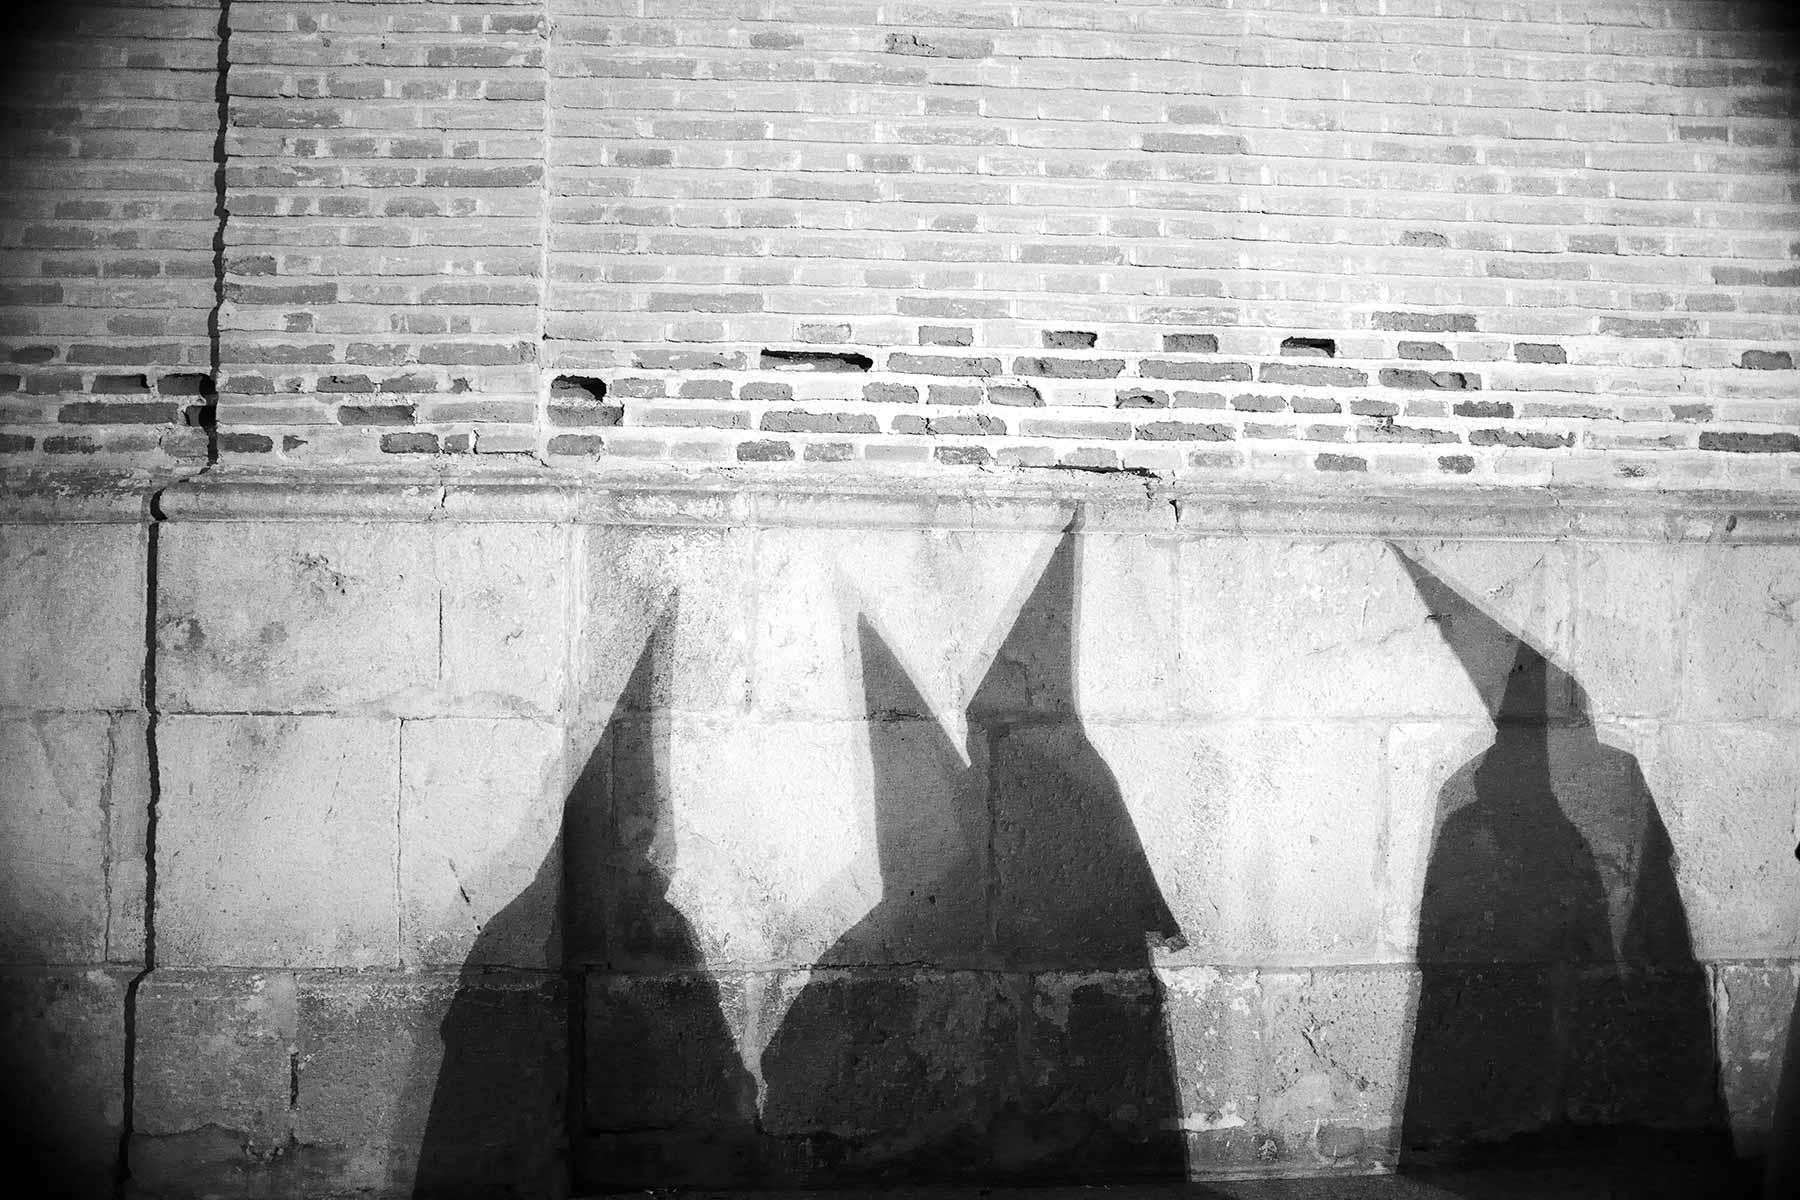 La Mafia Semana Santa - El retraso de la Semana Santa frena el crecimiento de la hostelería en marzo.